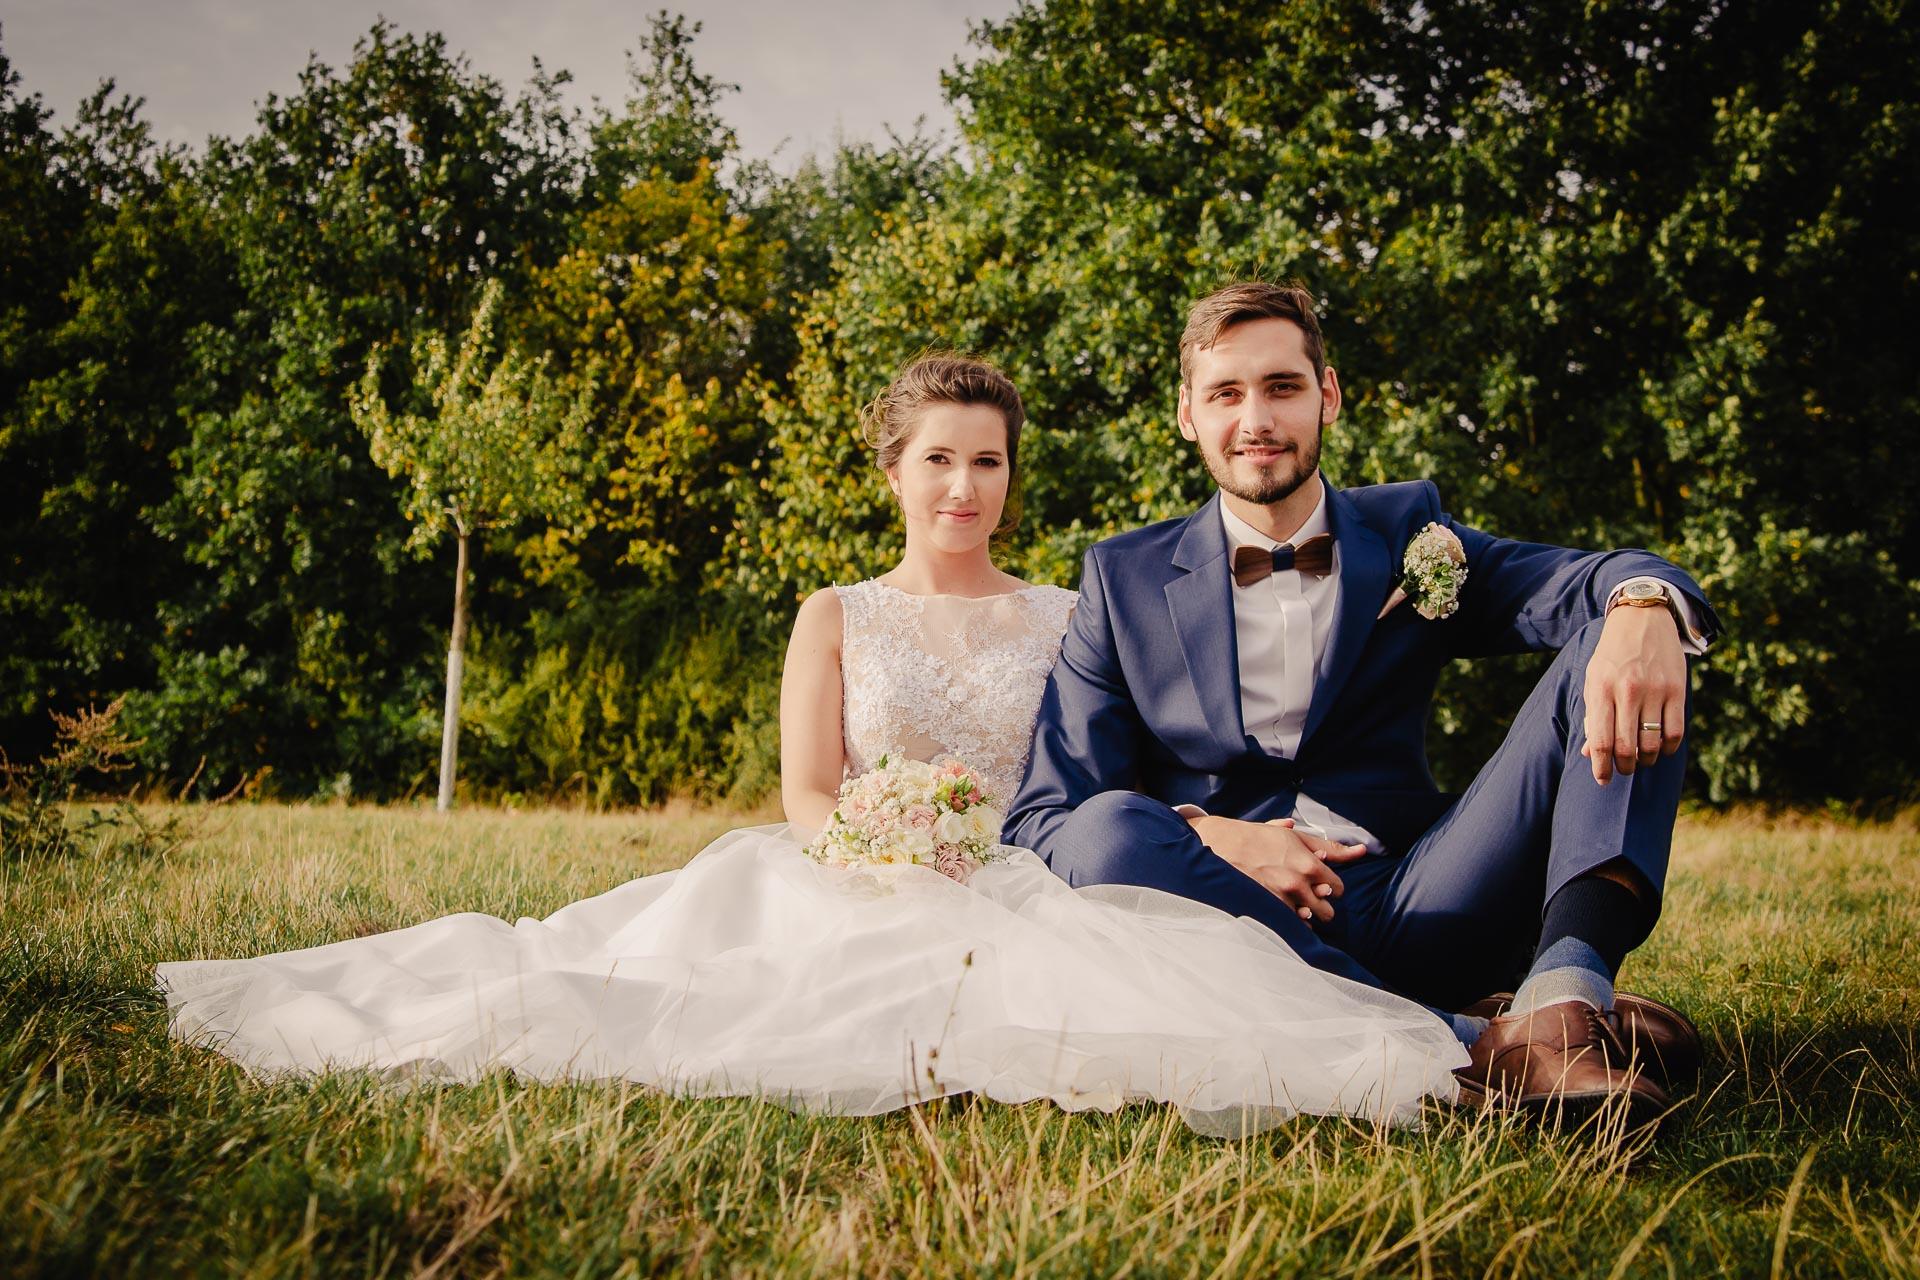 svatební fotograf Praha,svatba střední čechy, církevní obřad, svatba v kostele, nejhezčí svatební fotografie-3195